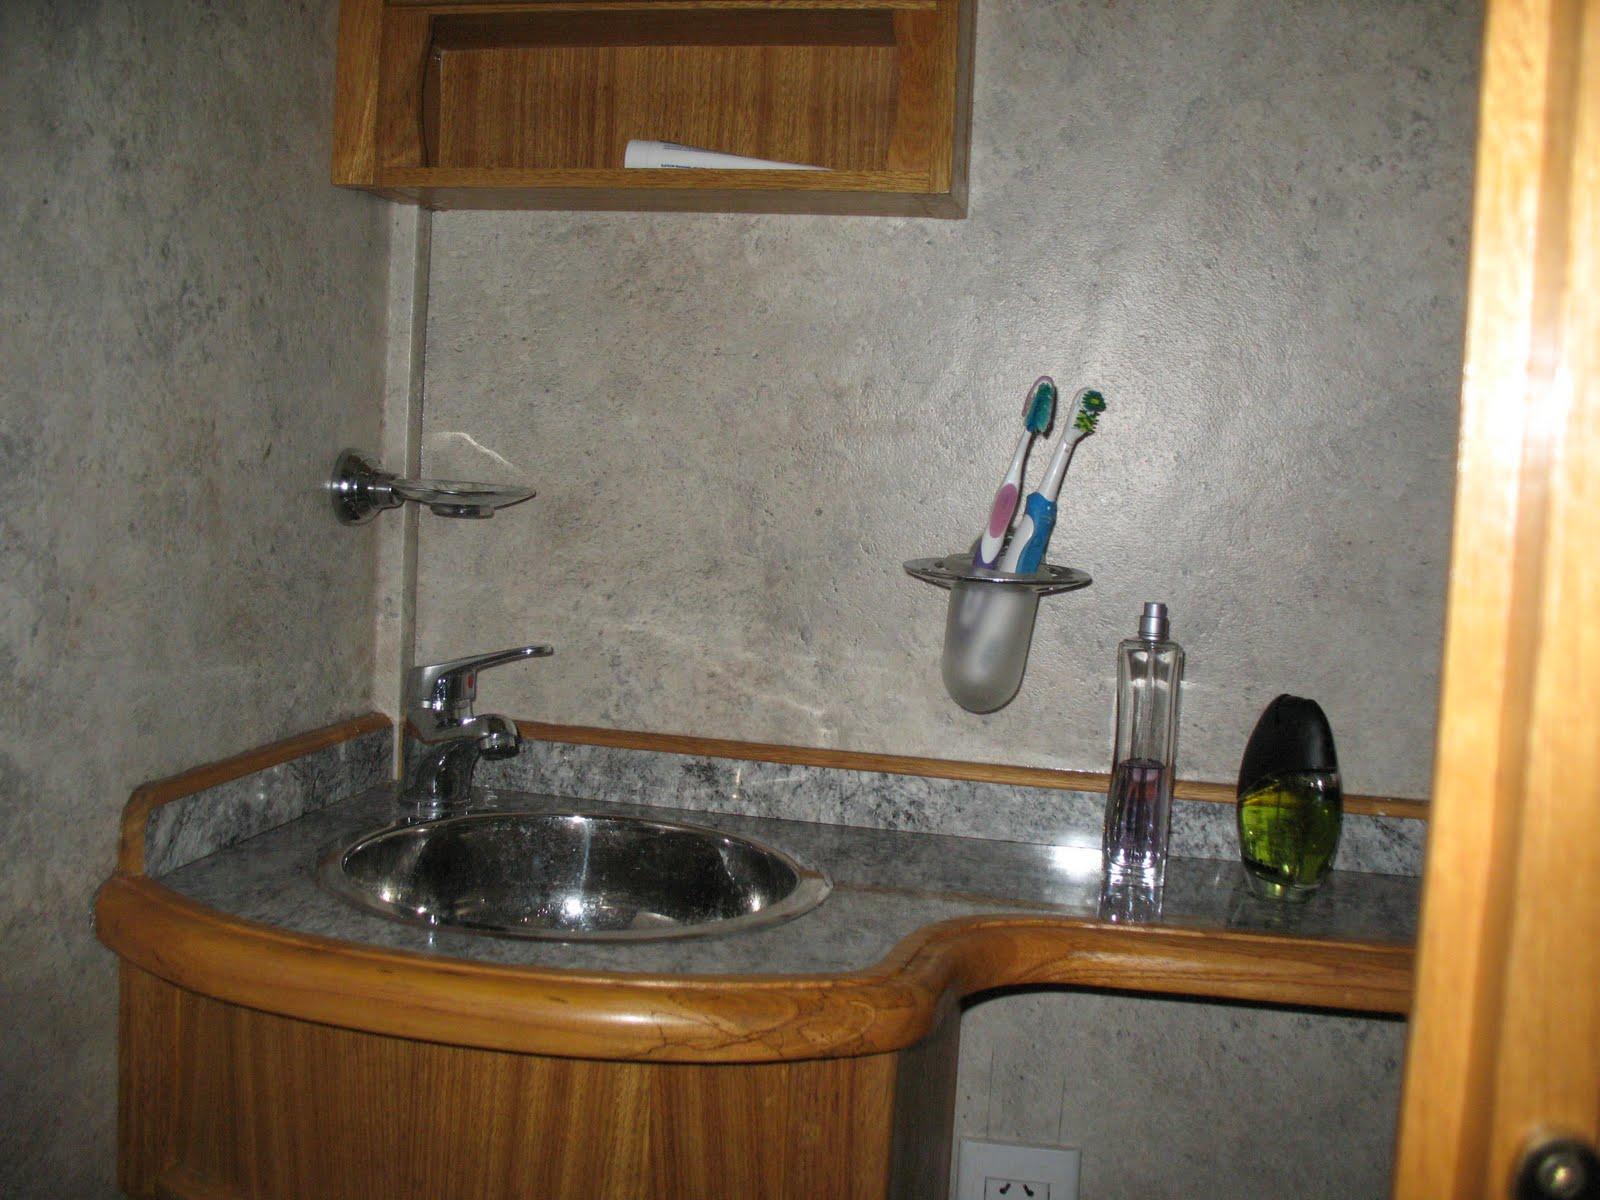 Bachas Para Baño De Bronce:Bacha de pileta de baño en acero inoxidable, griferia Fv monocomando